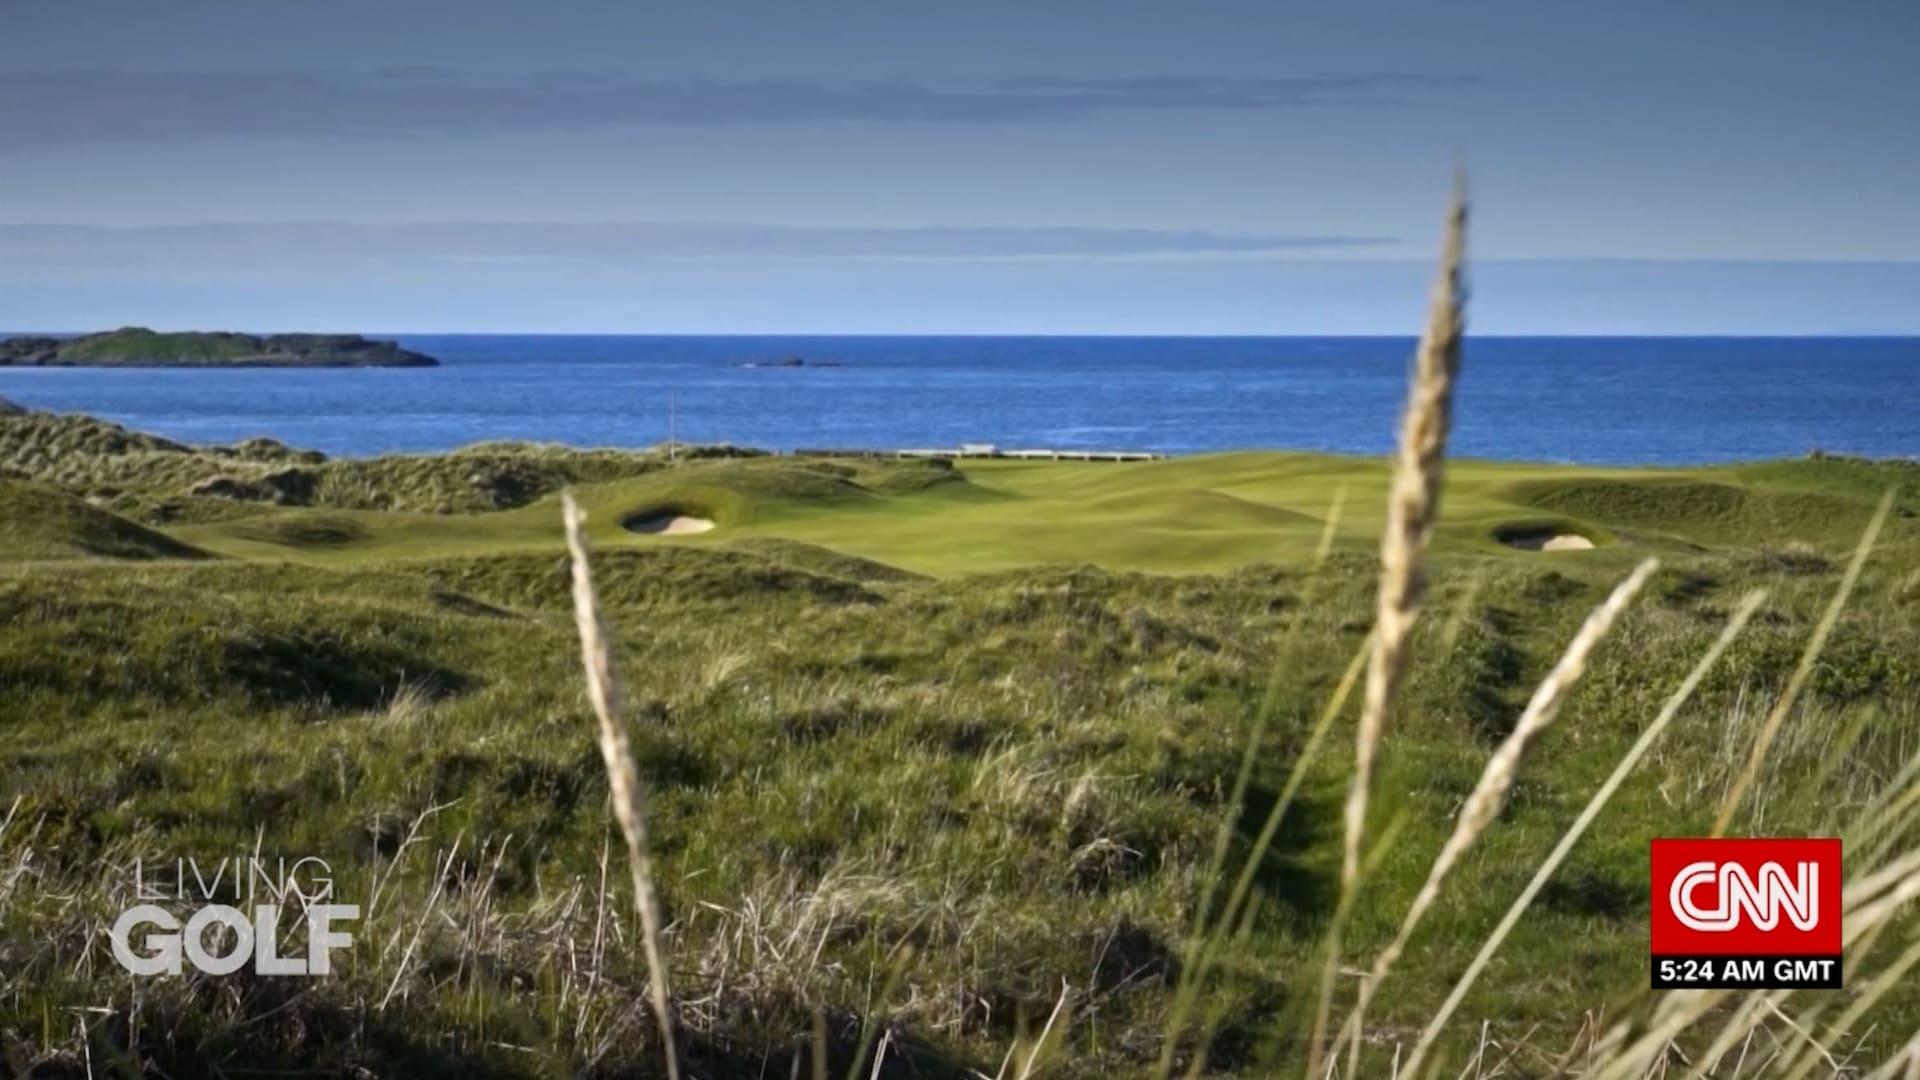 كيف تكون الغولف رياضة مستدامة؟ البطولة المفتوحة مثال يحتذى به